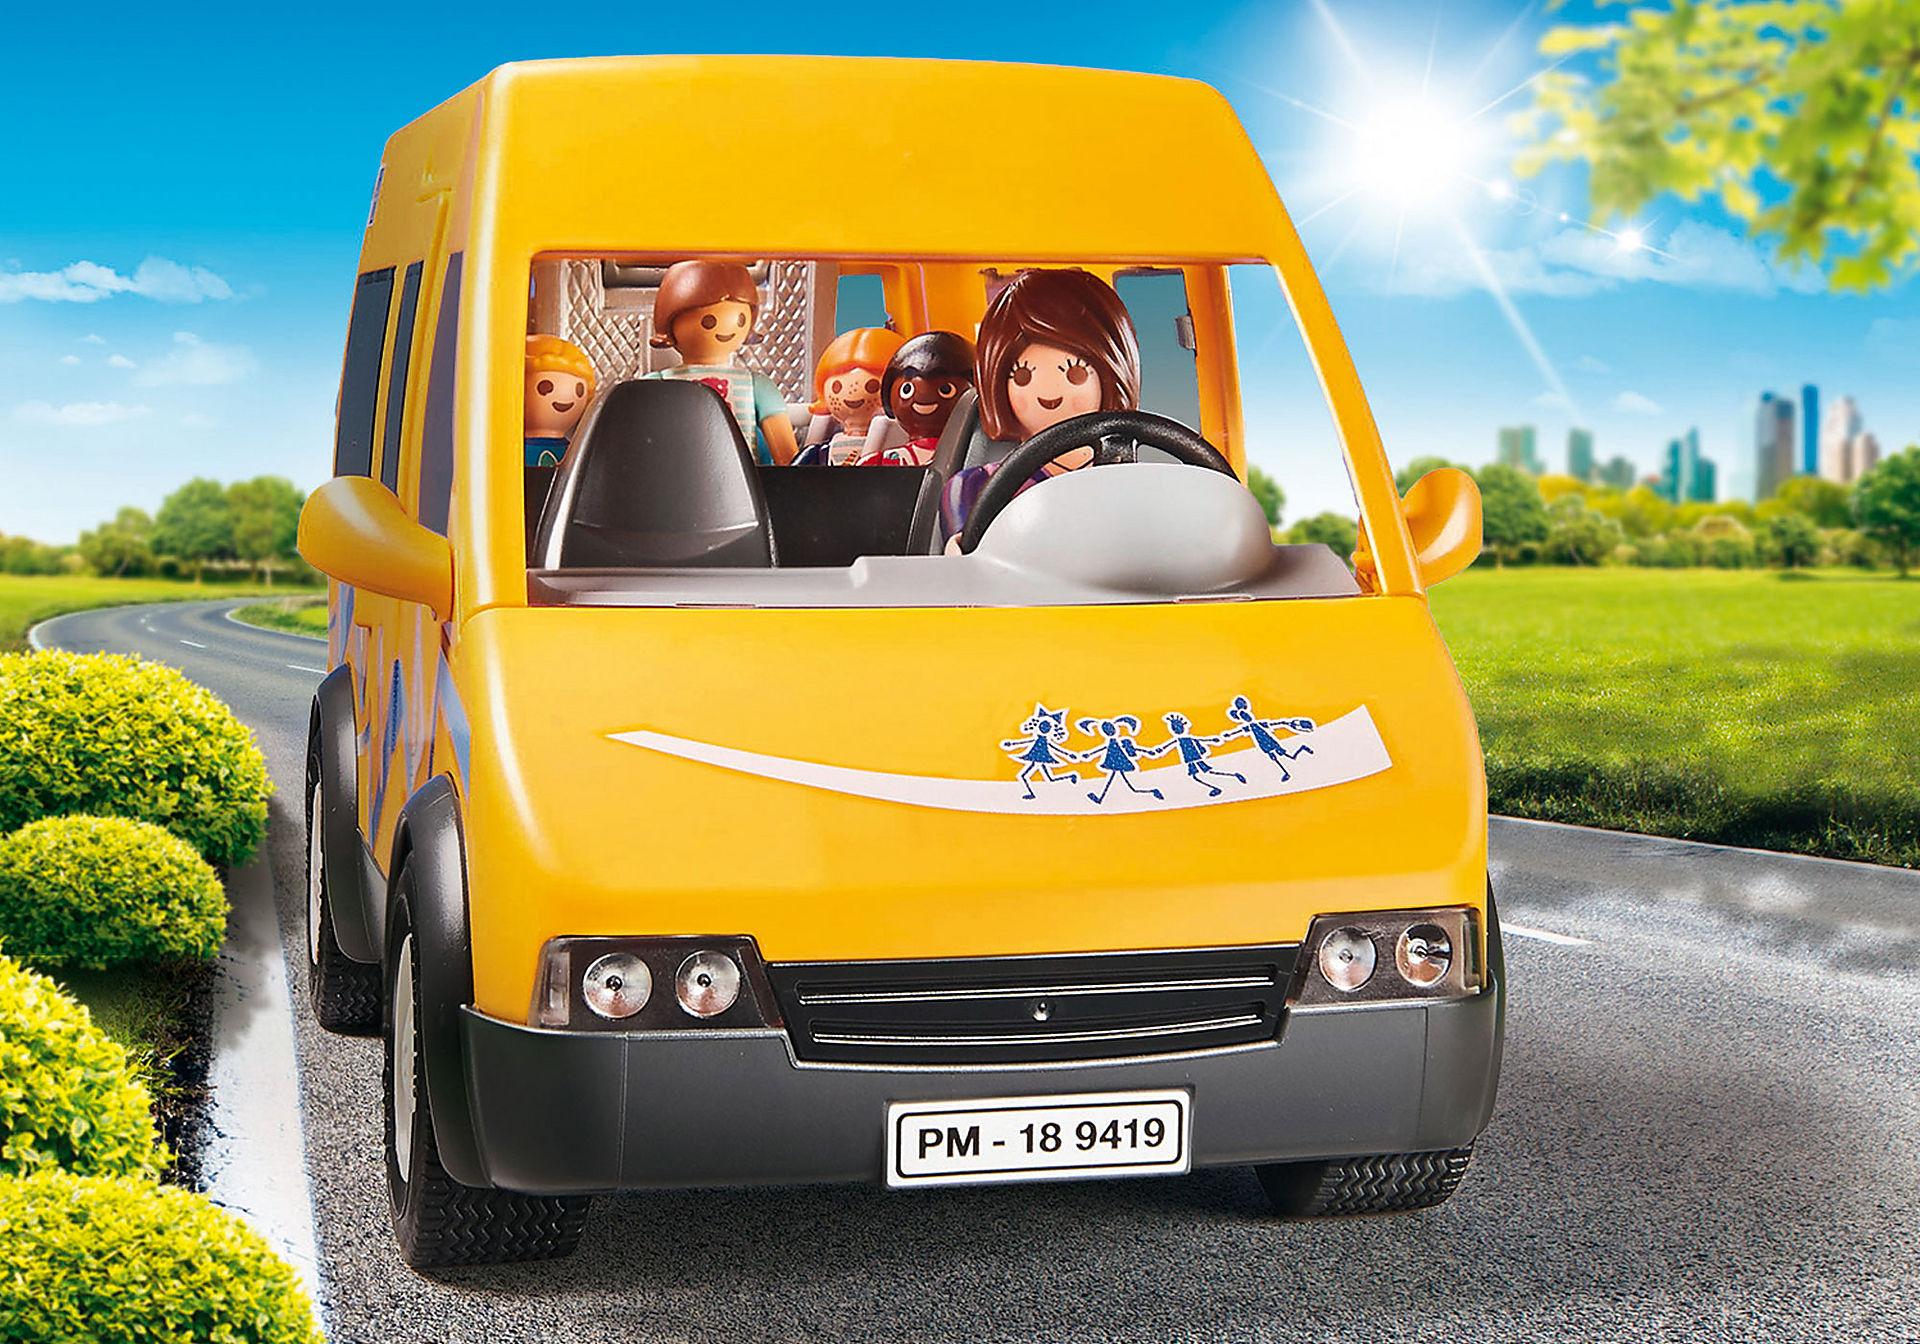 9419 Σχολικό λεωφορείο zoom image7